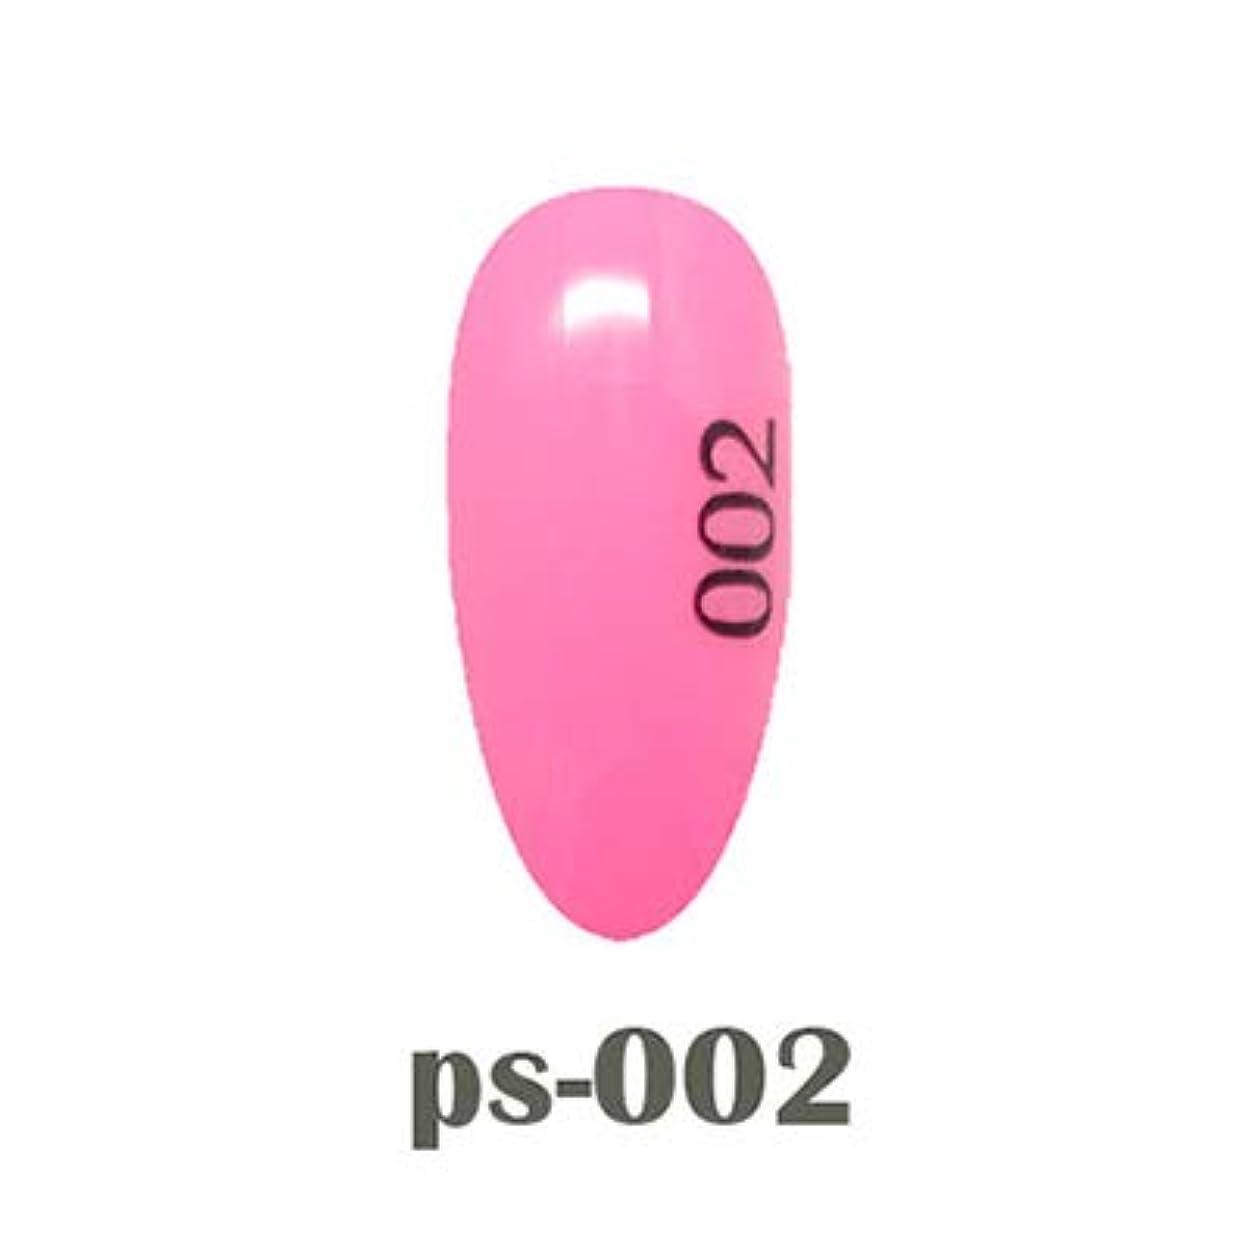 式攻撃的太いアイスジェル カラージェル ポイントパステルシリーズ PP-002 3g